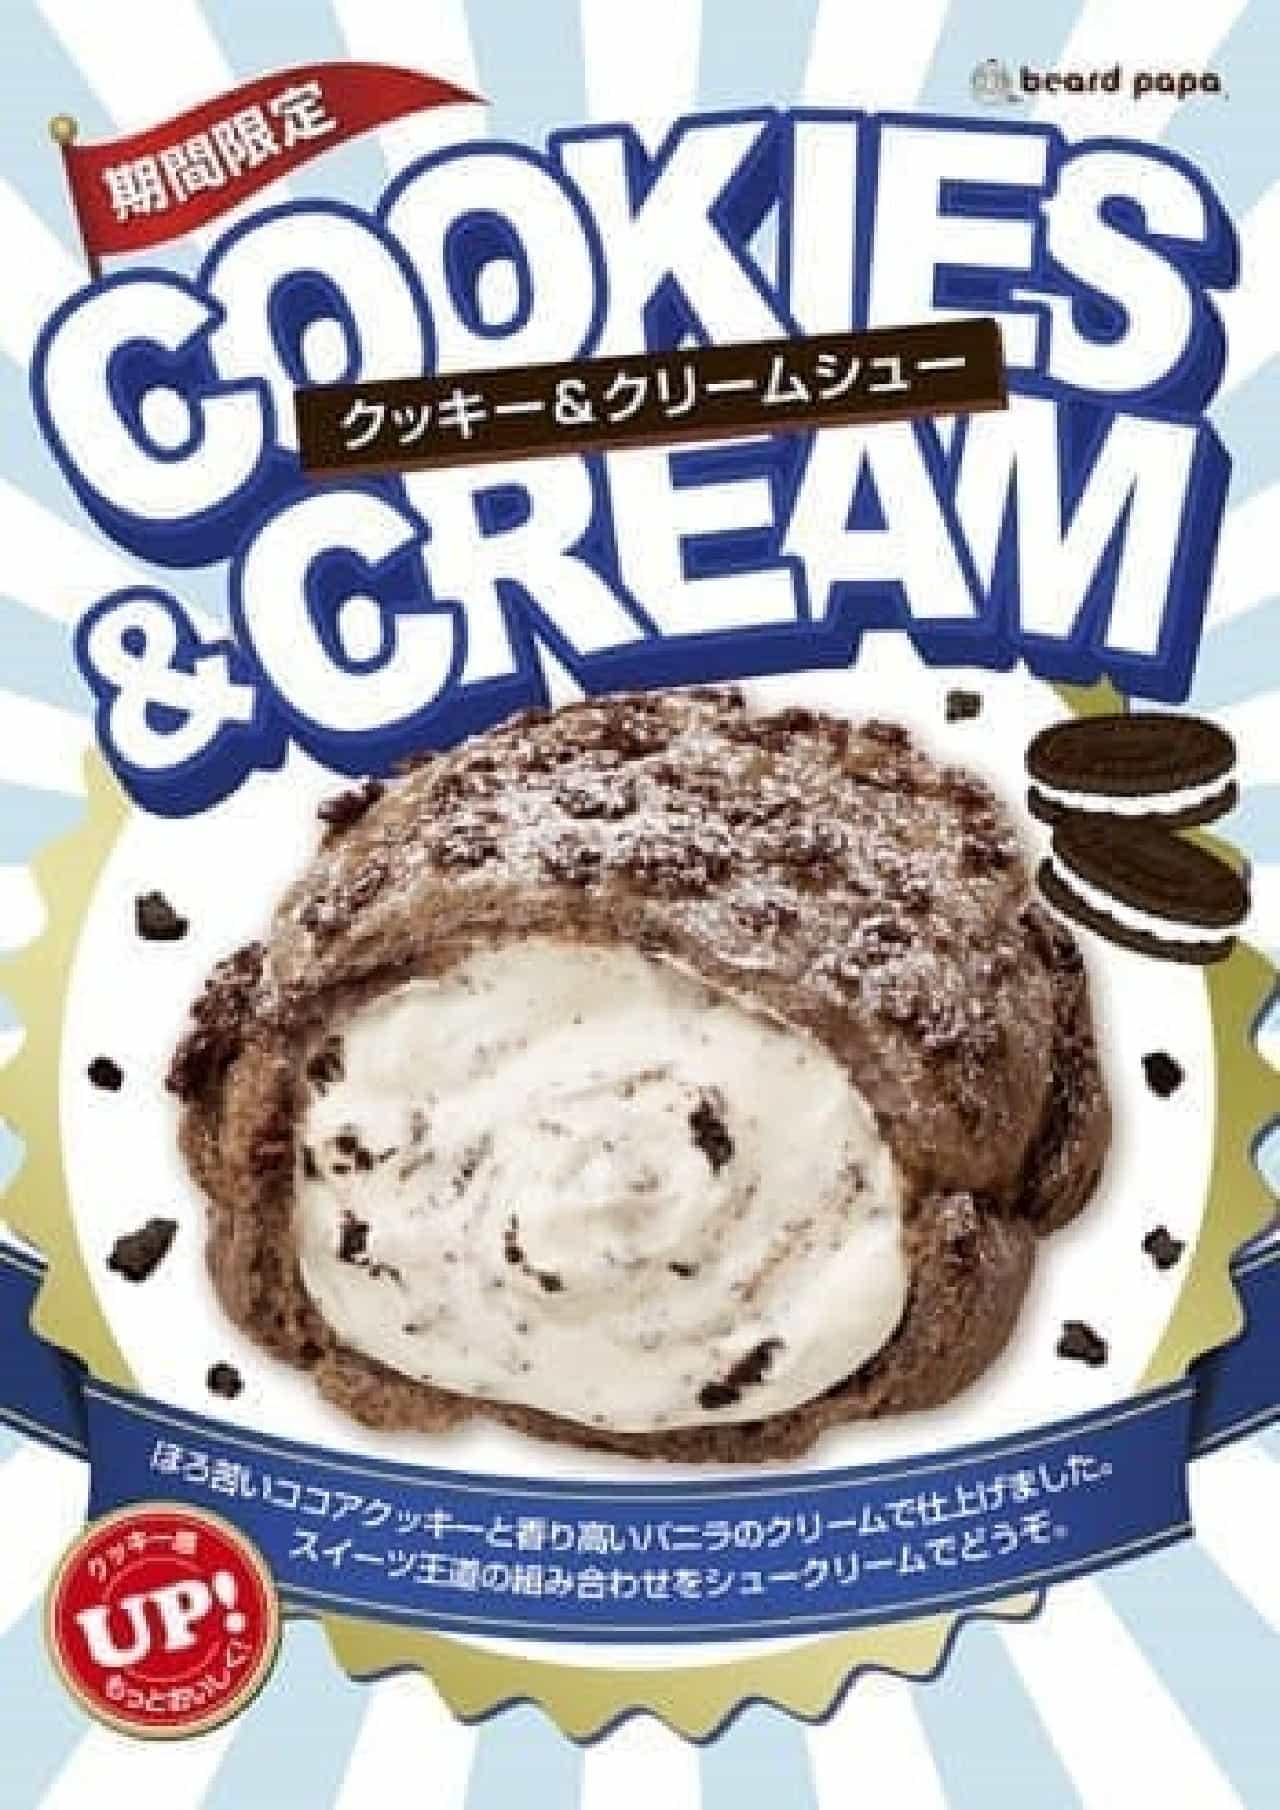 ビアードパパ3月のシュークリーム「クッキー&クリームシュー」